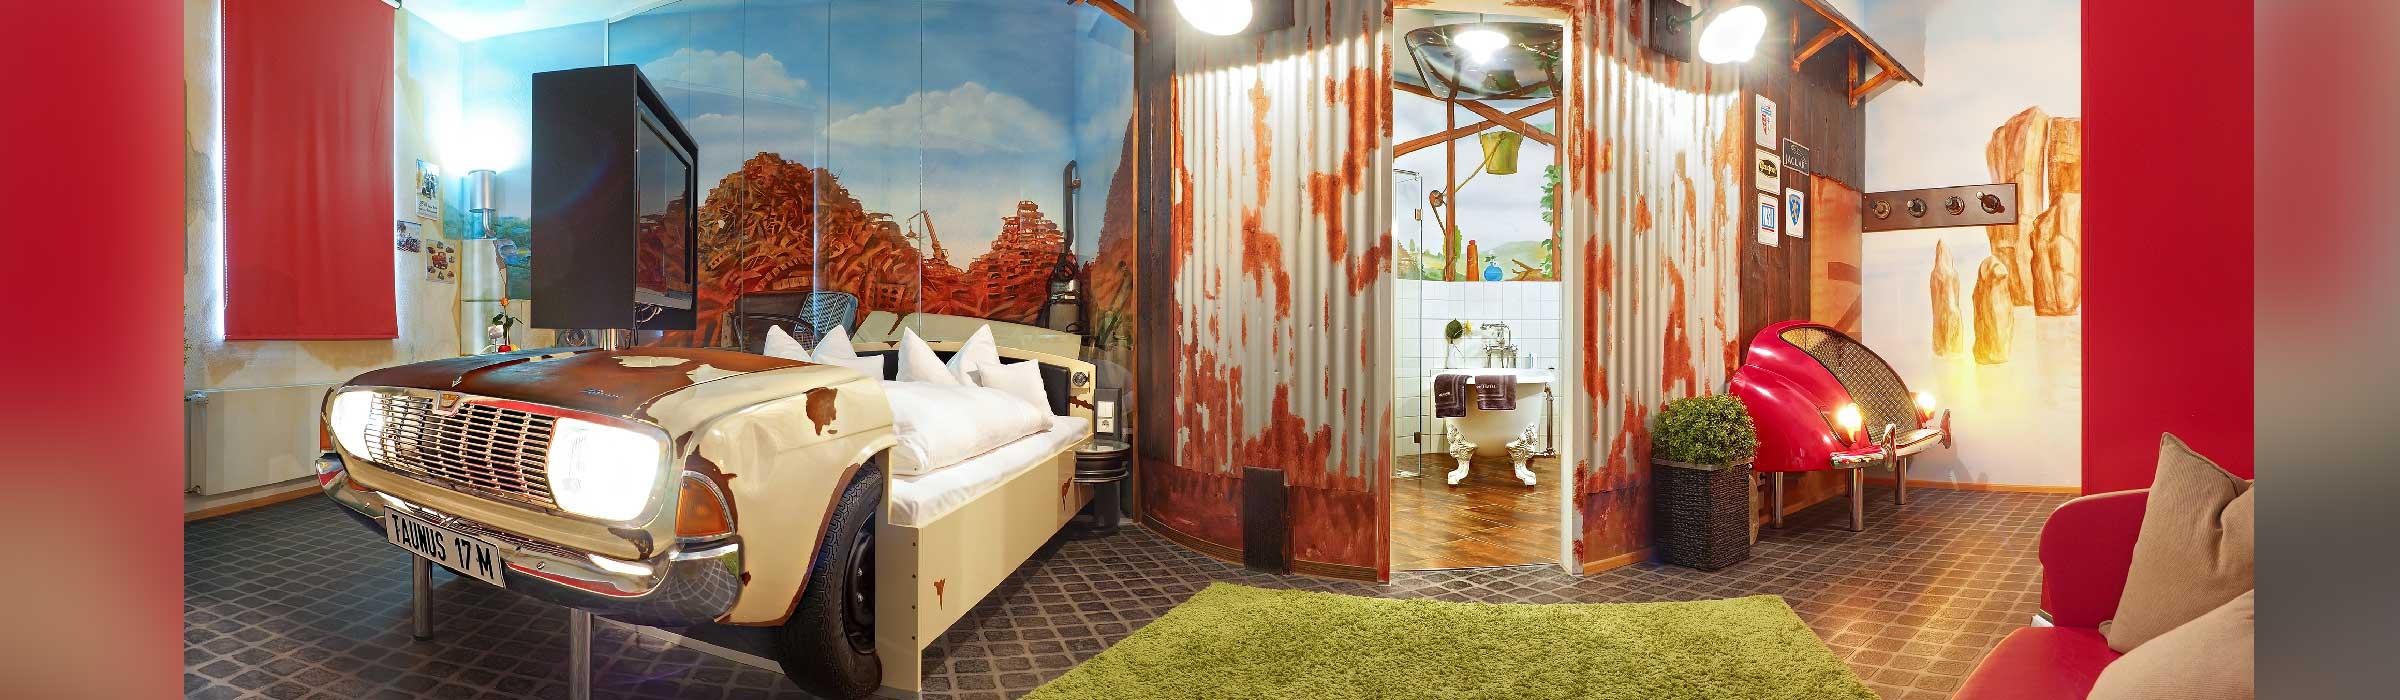 Themenzimmer Nostalgie V8 Hotel